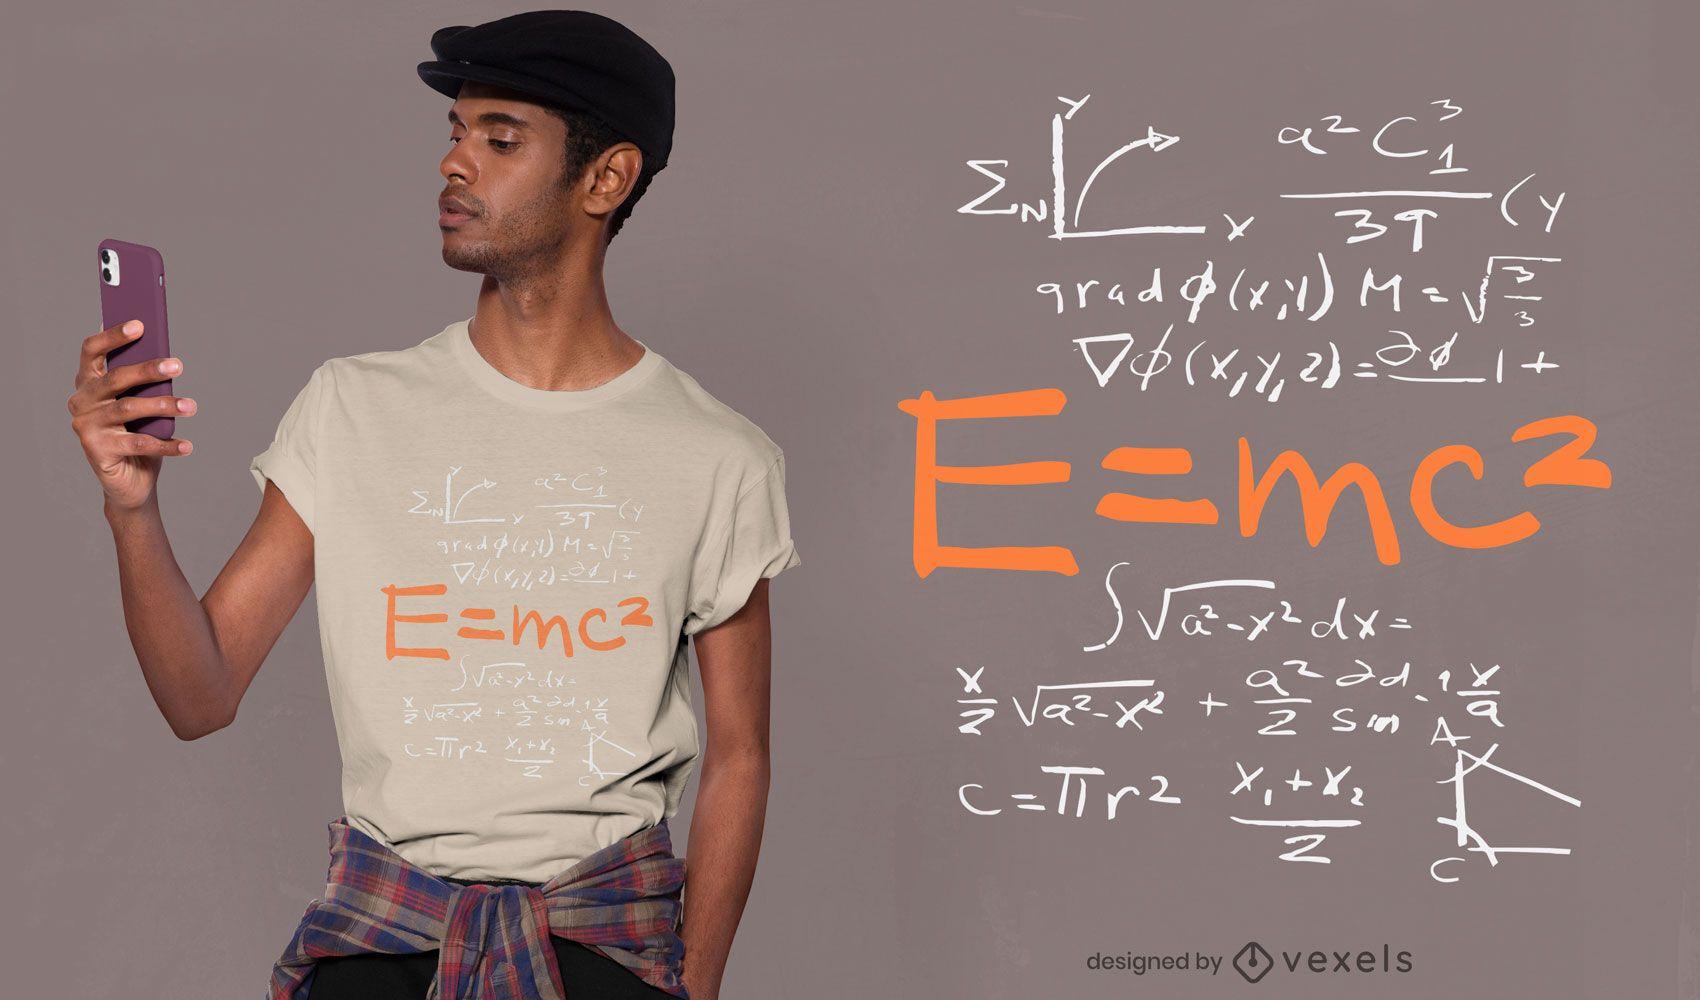 Dise?o de camiseta de equivalencia de energ?a masiva